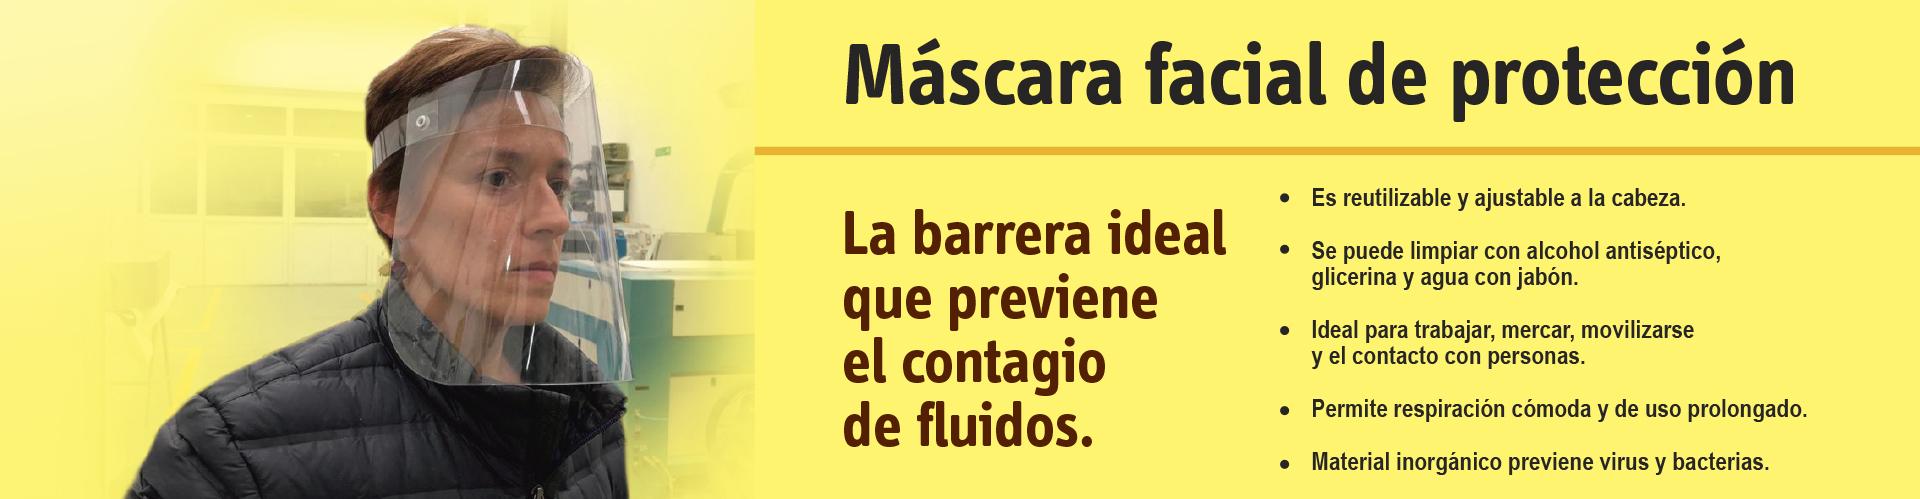 Máscaras faciales de protección personal